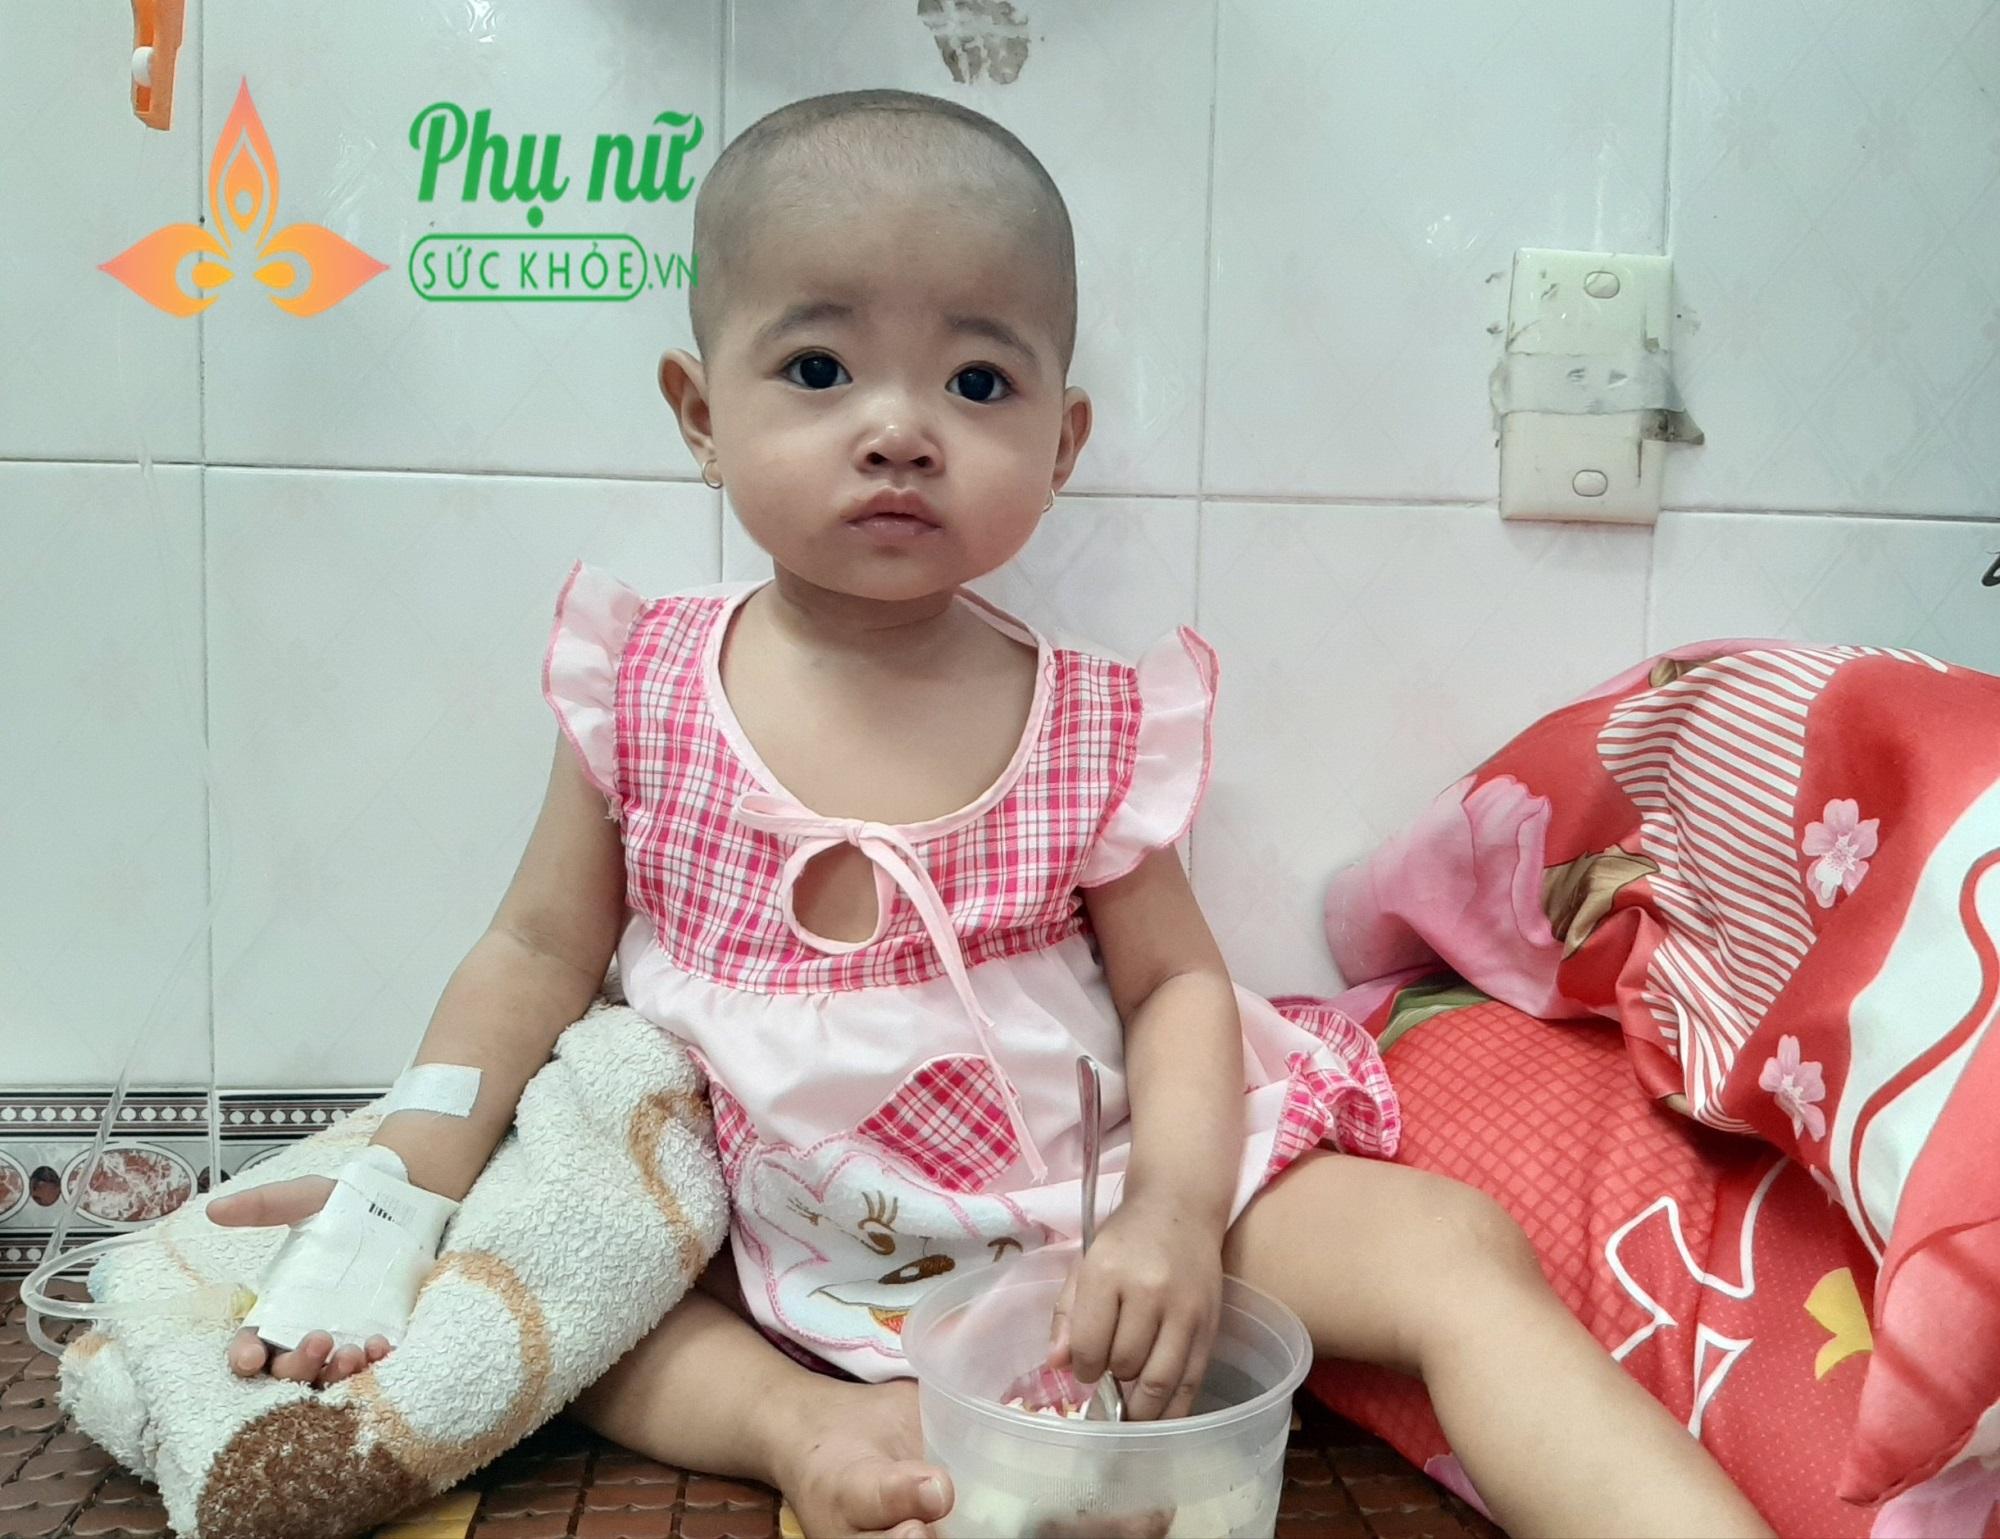 Bé gái 15 tháng tuổi bị ung thư máu, cha mẹ đi bán vé số tích cóp từng đồng cứu lấy con - Ảnh 2